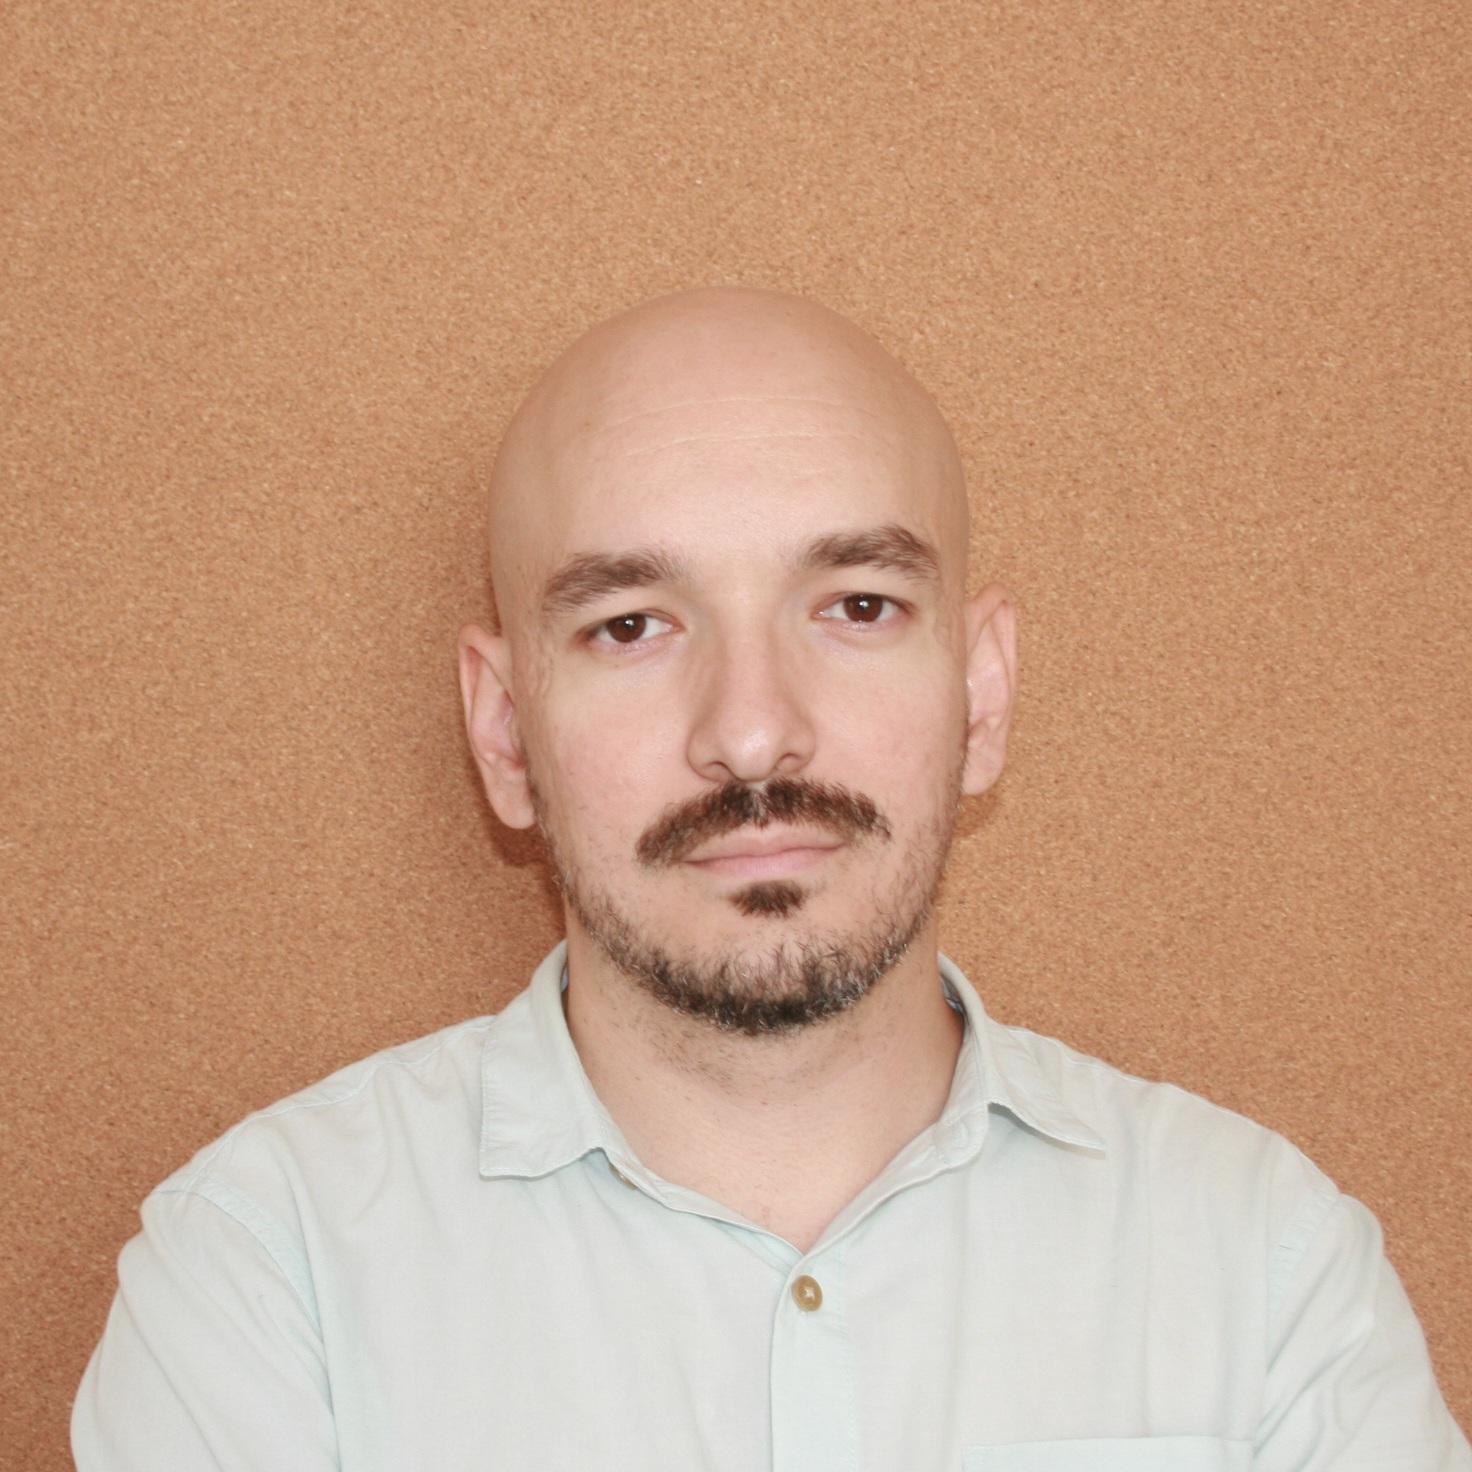 profile_christos.jpg